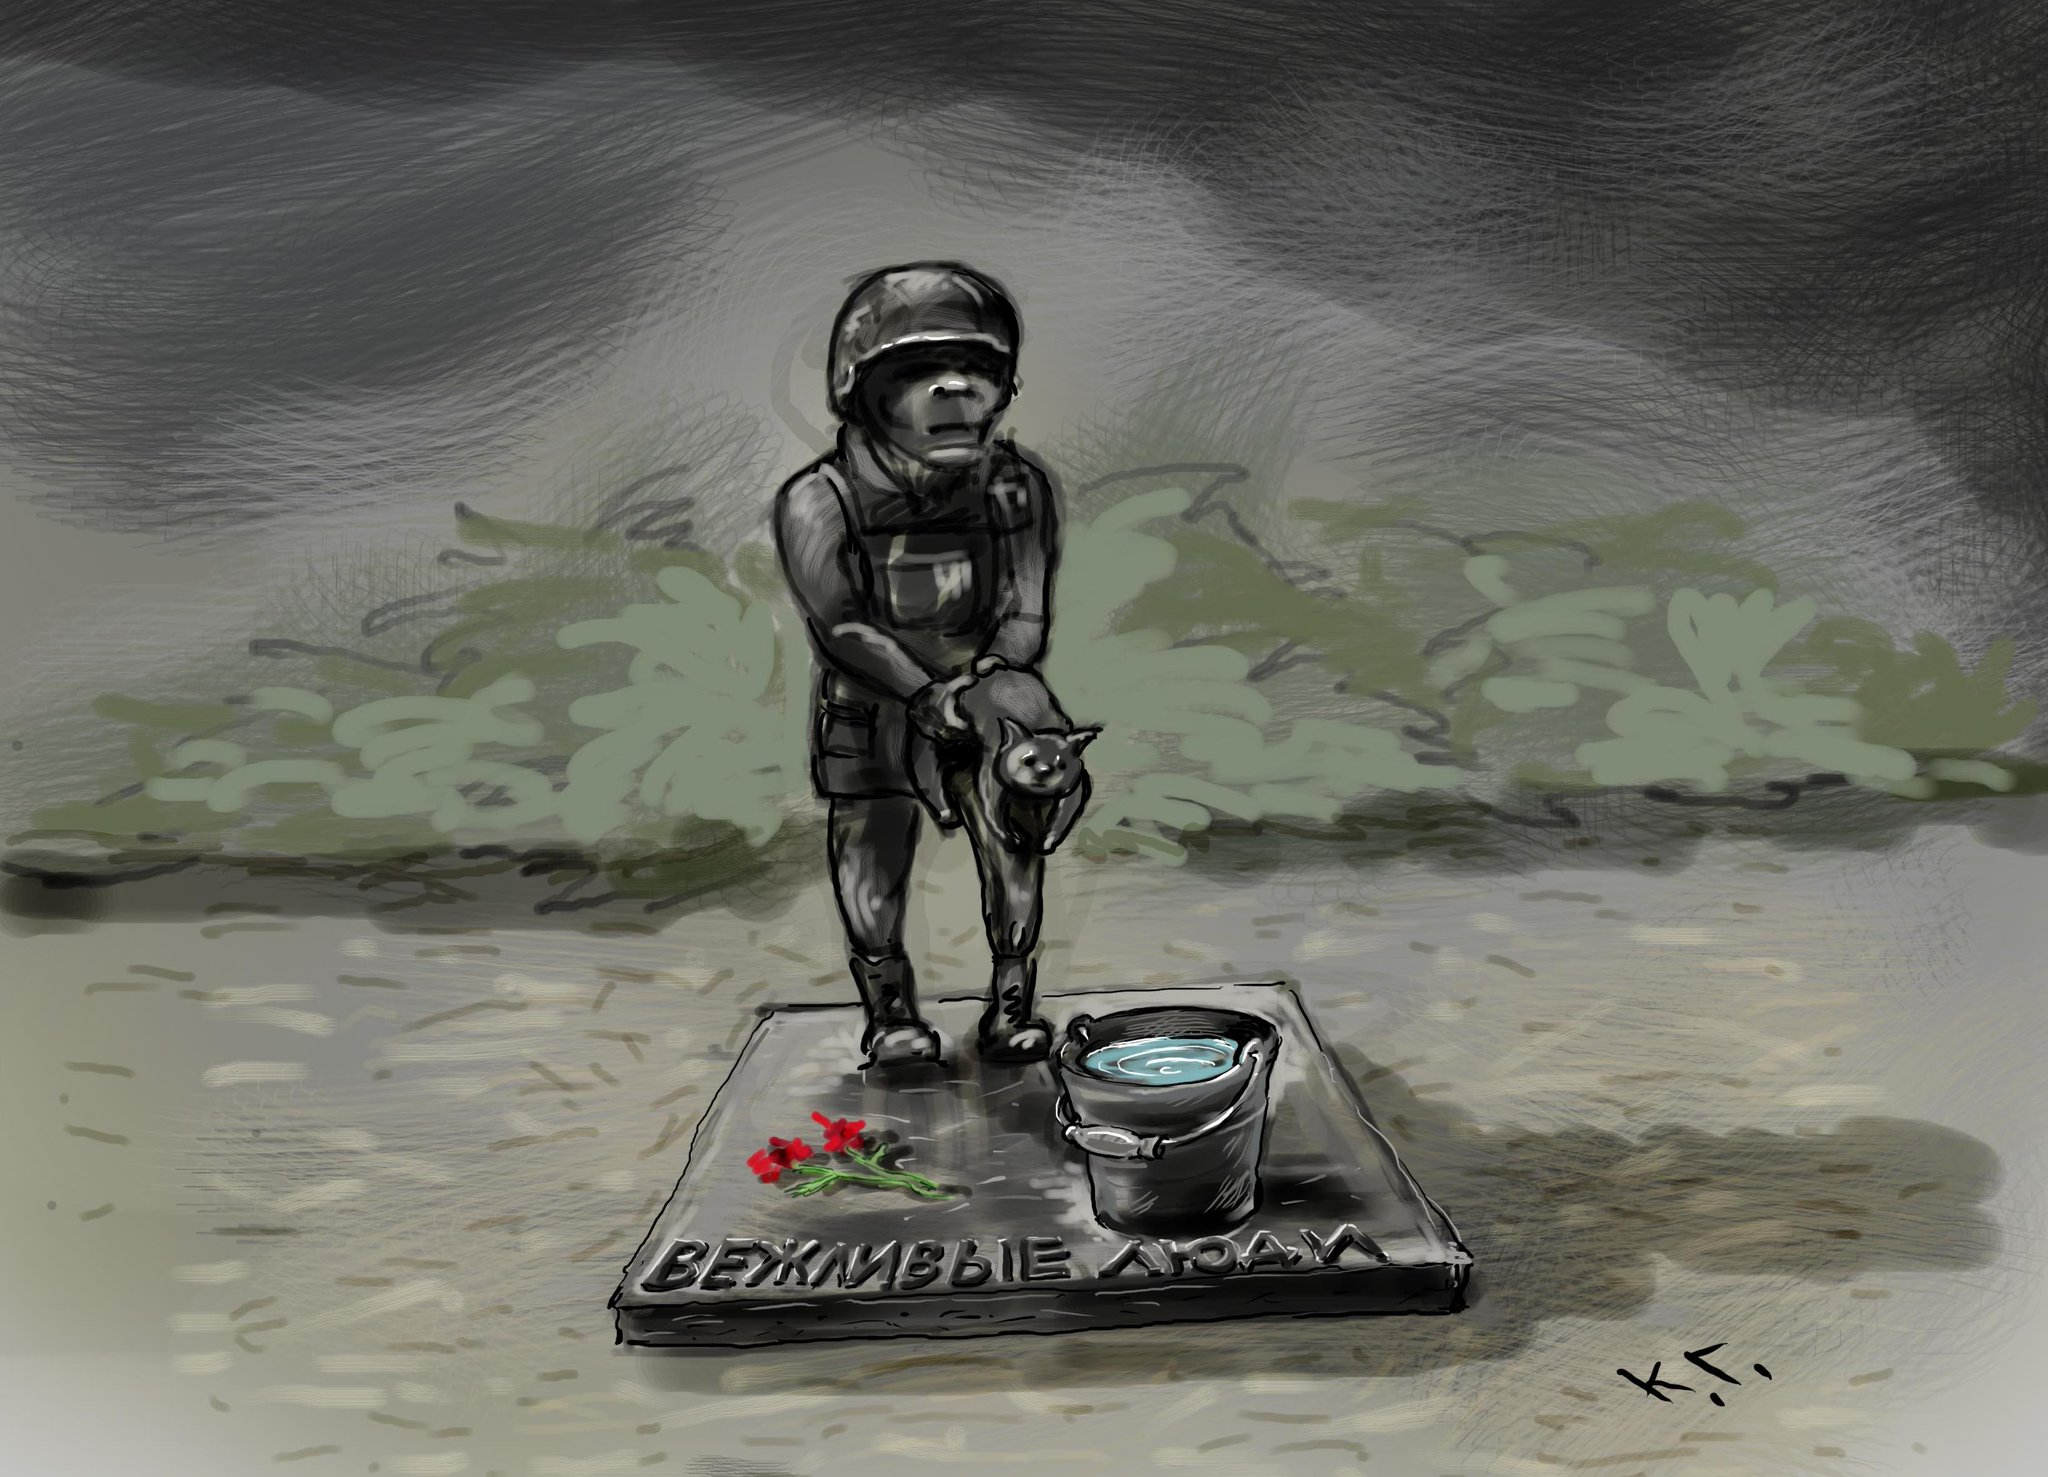 """Блокпост """"Марьинка"""" закрыт из-за обстрелов террористов, - Лысенко - Цензор.НЕТ 3385"""